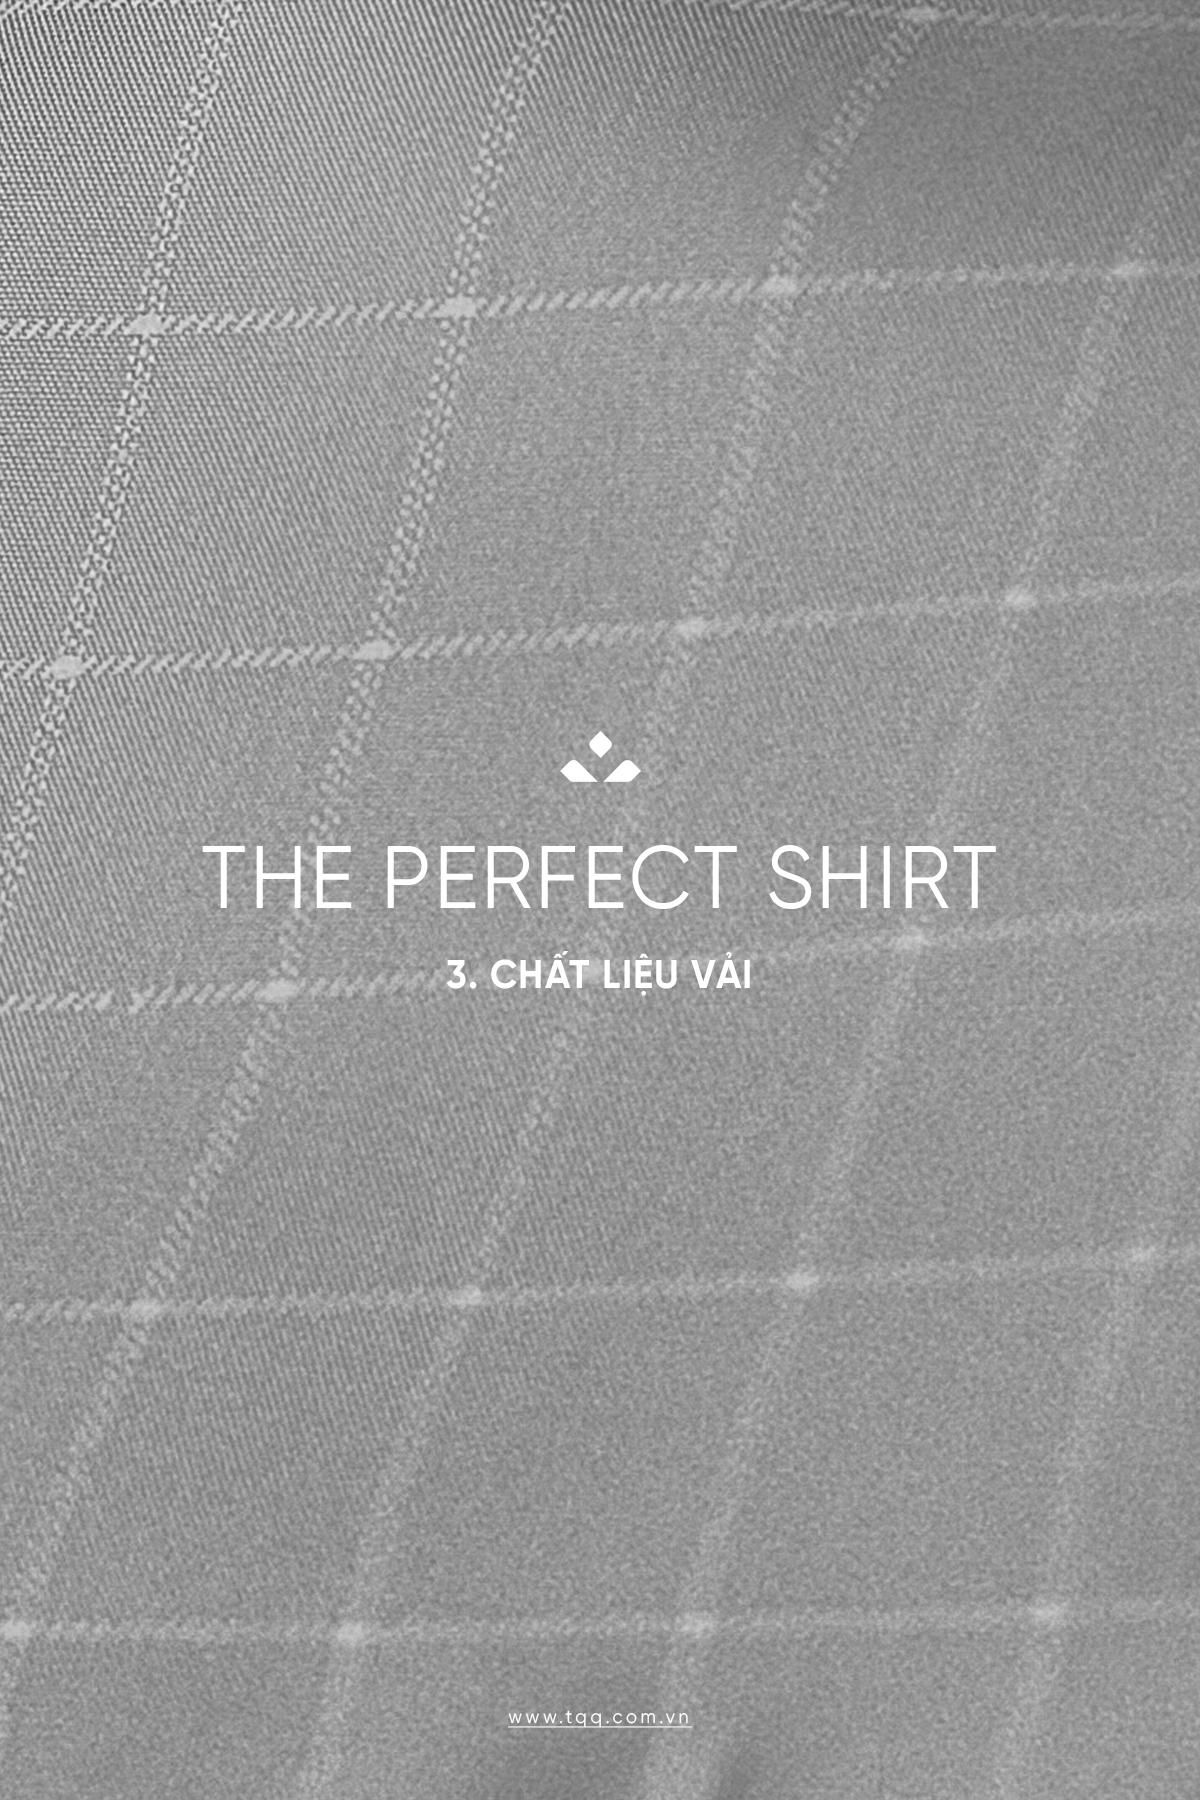 Ưu tiên lựa chọn những chất liệu vải Cotton, Bamboo, Modal... để đảm bảo áo mặc thoáng mát, dễ chịu nhất